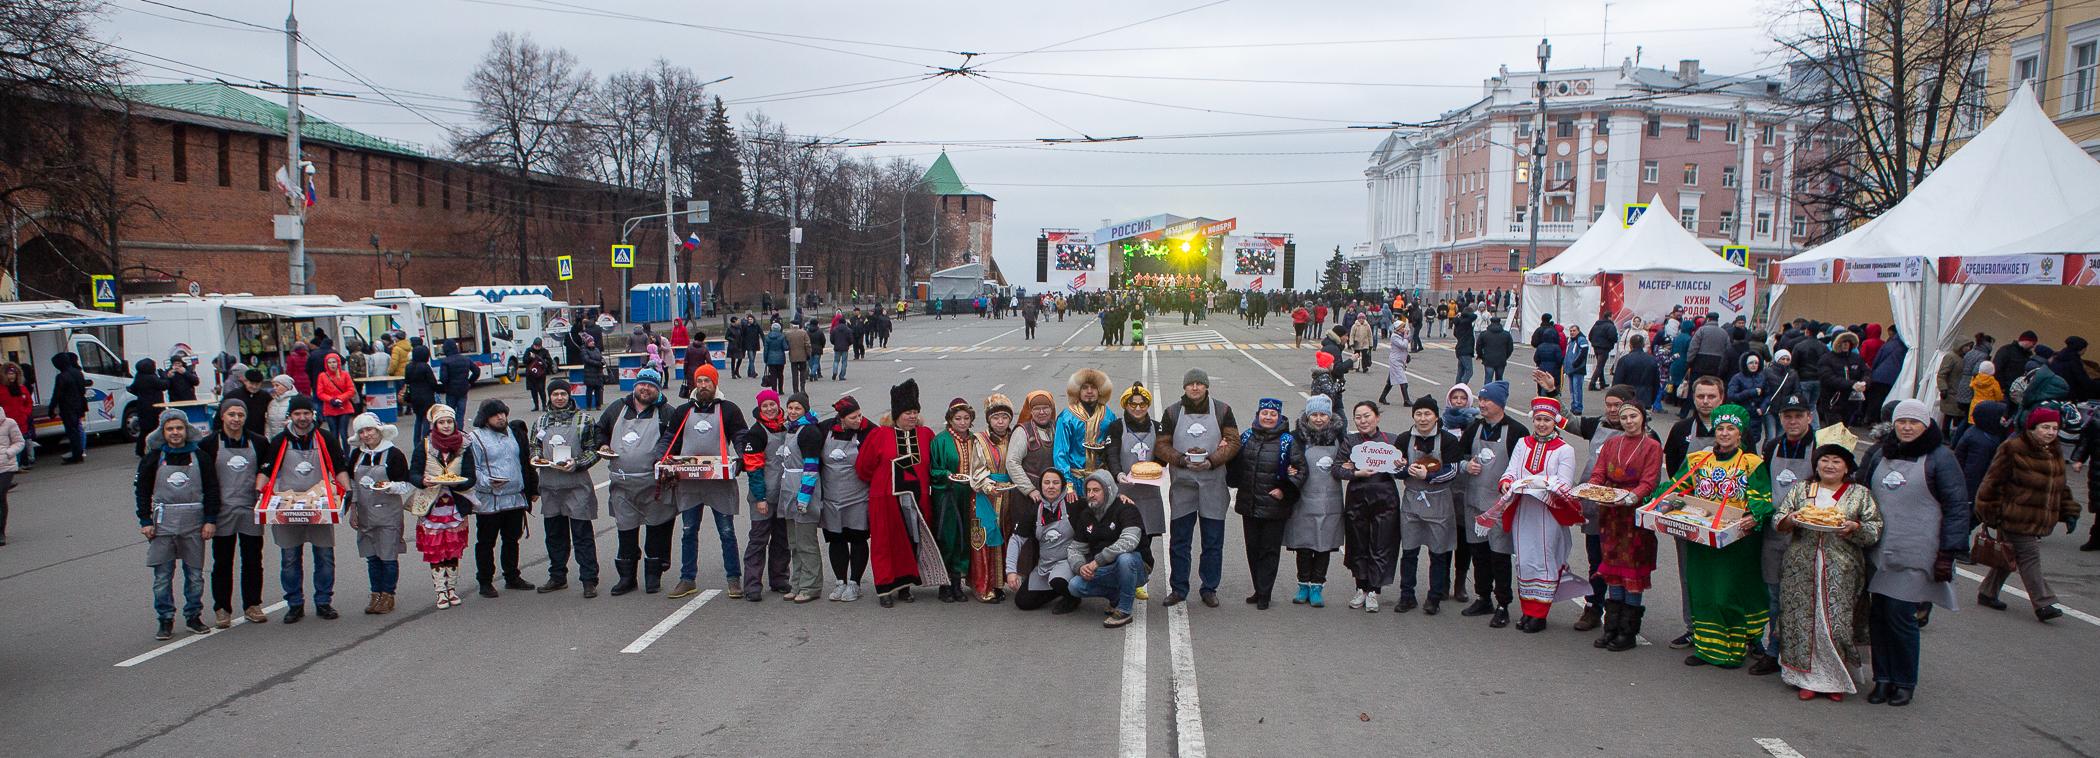 Шеф-повара и фермеры «Гастрономической карты России»  угостили свыше 20 тысяч нижегородцев в День народного единства